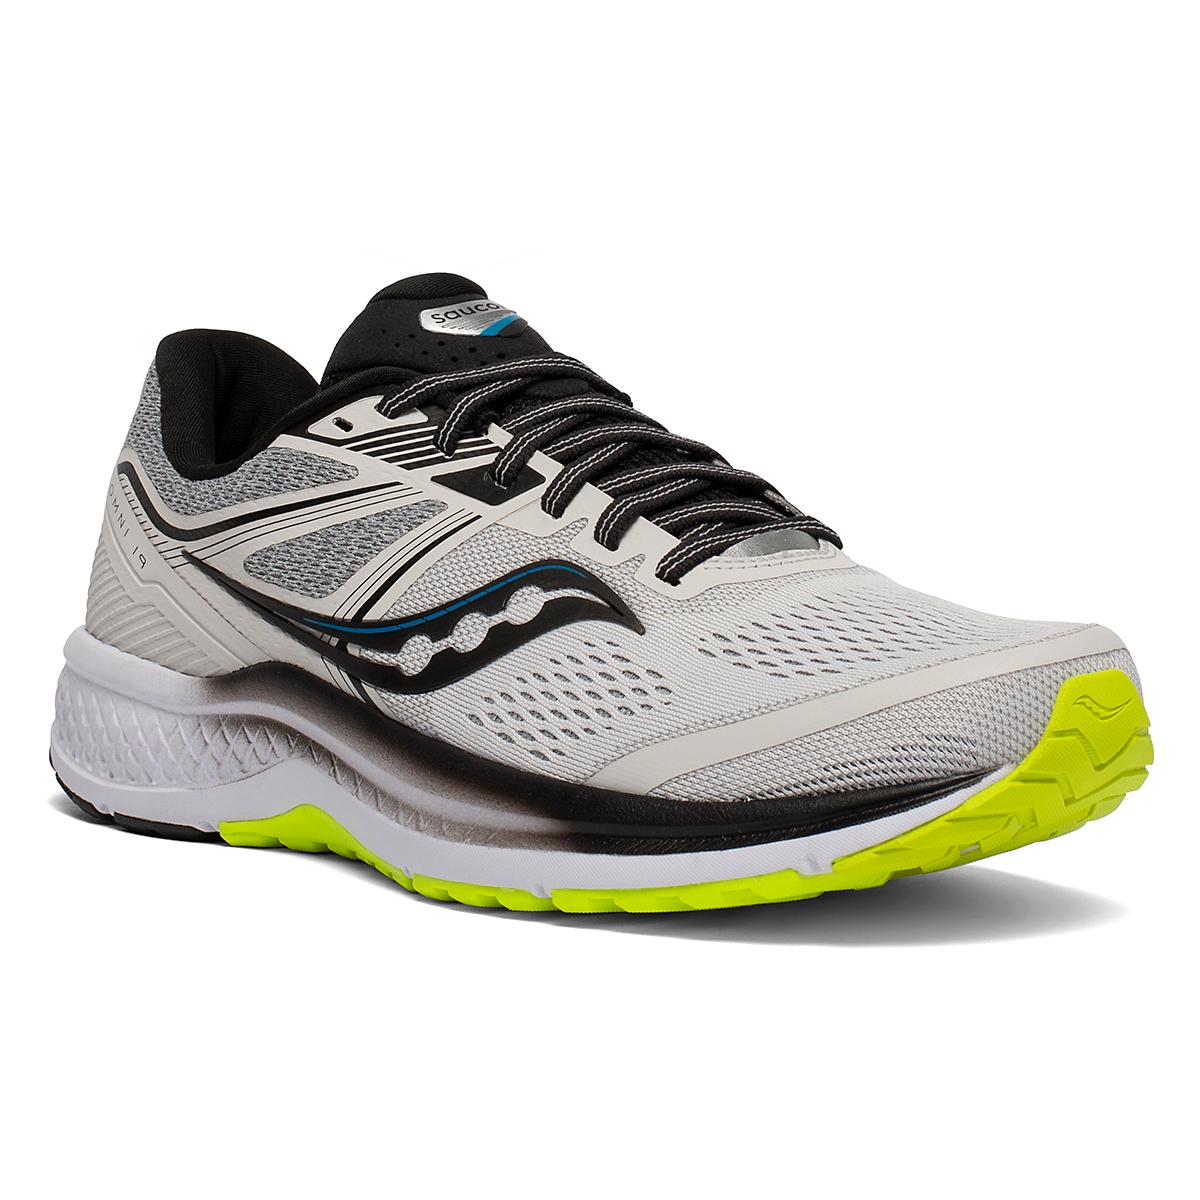 Men's Saucony Omni 19 Running Shoe - Color: Fog/Citrus - Size: 7 - Width: Regular, Fog/Citrus, large, image 3